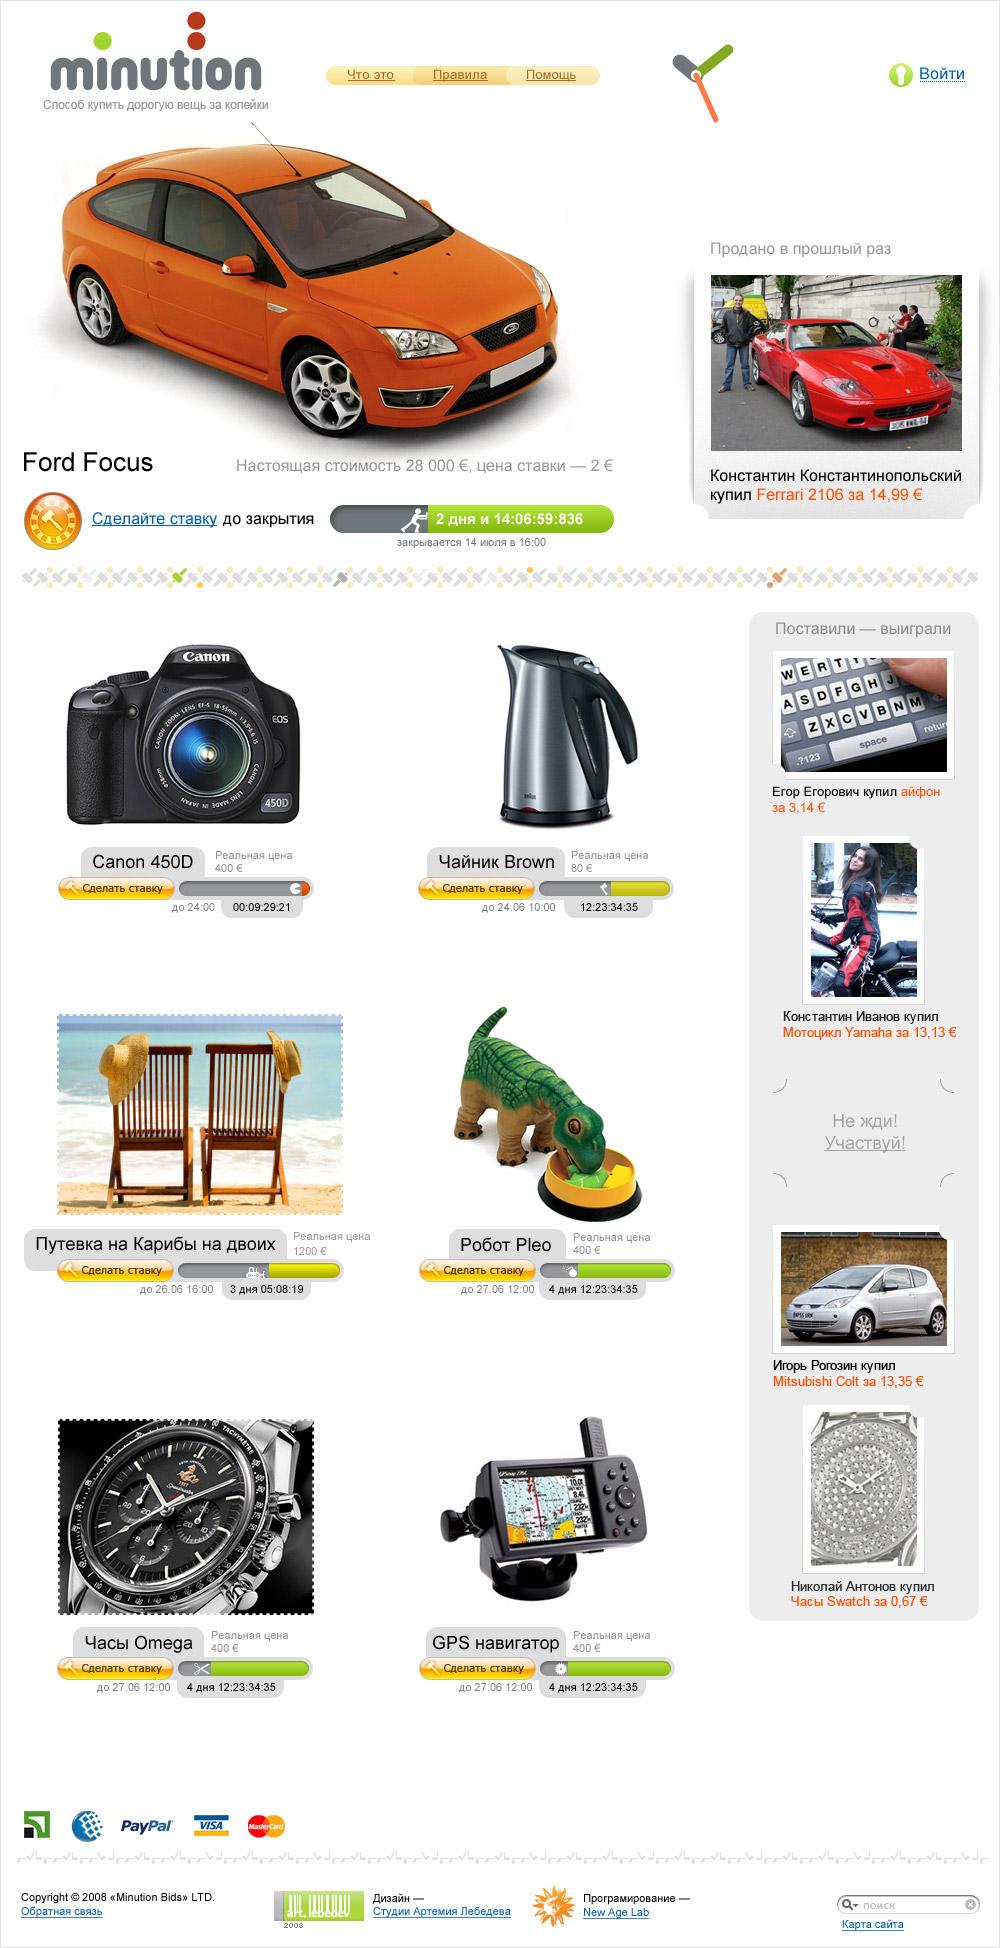 Websites For Design Work